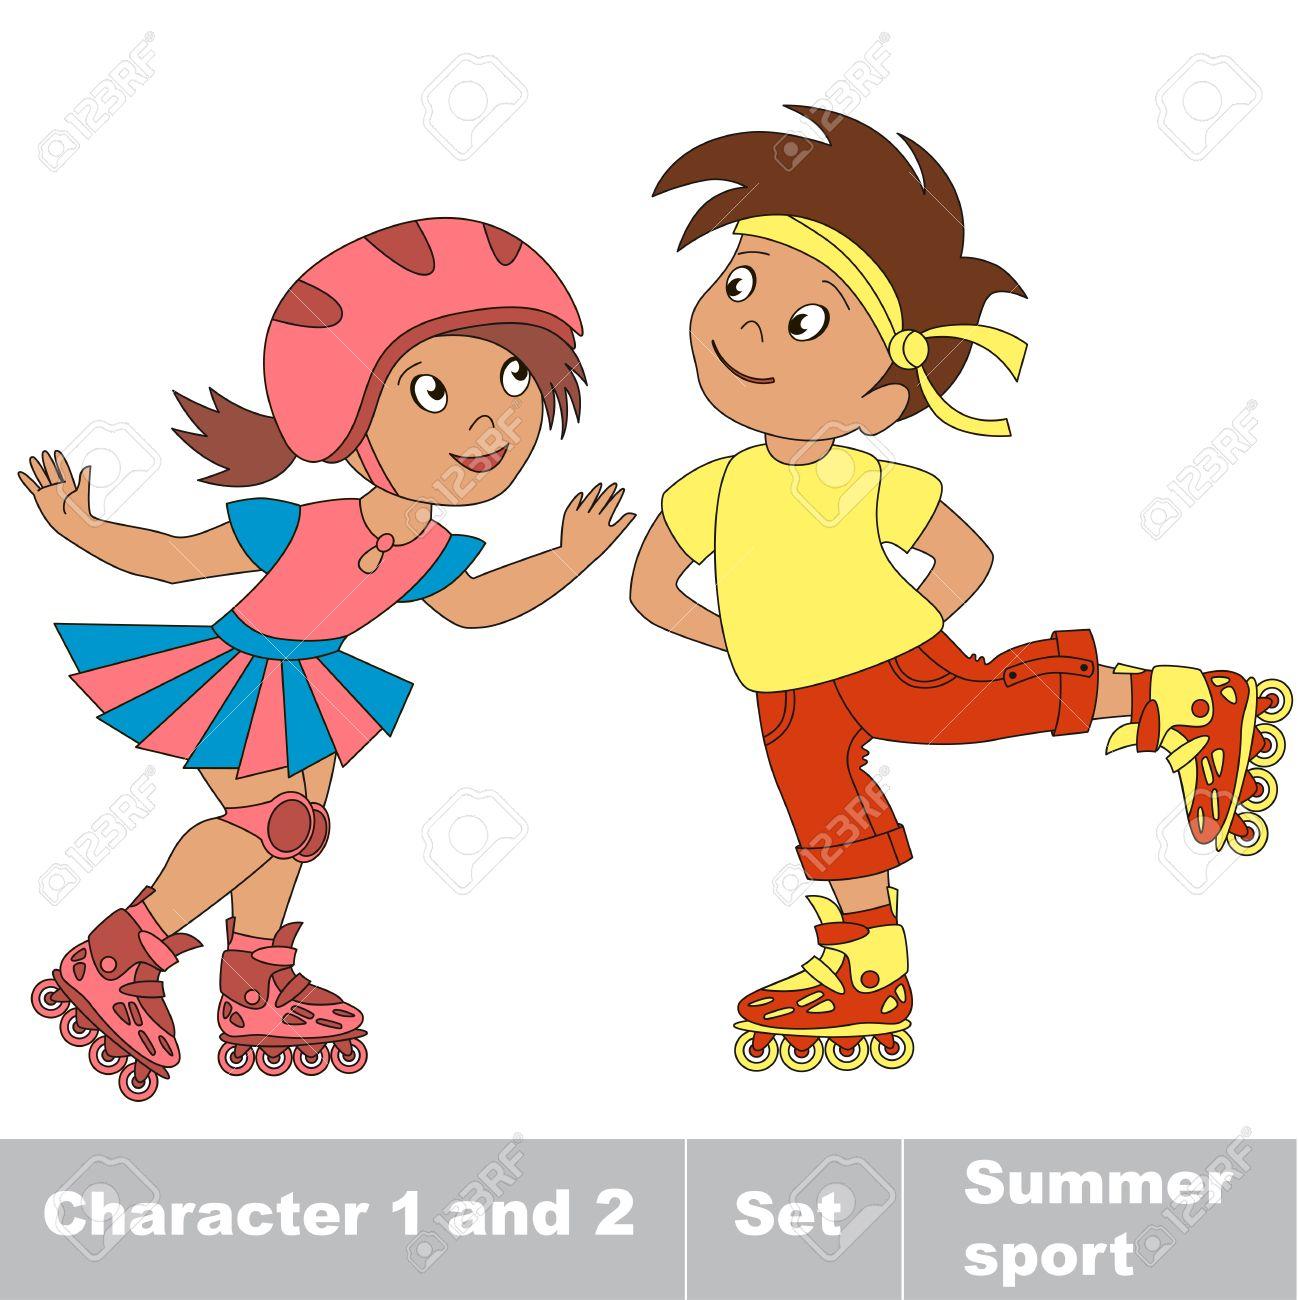 especial para zapato outlet(mk) nuevo estilo Dos pequeños niño y niña de patinaje sobre patines. Verano juegos al aire  libre para los niños. Niños deporte verano.